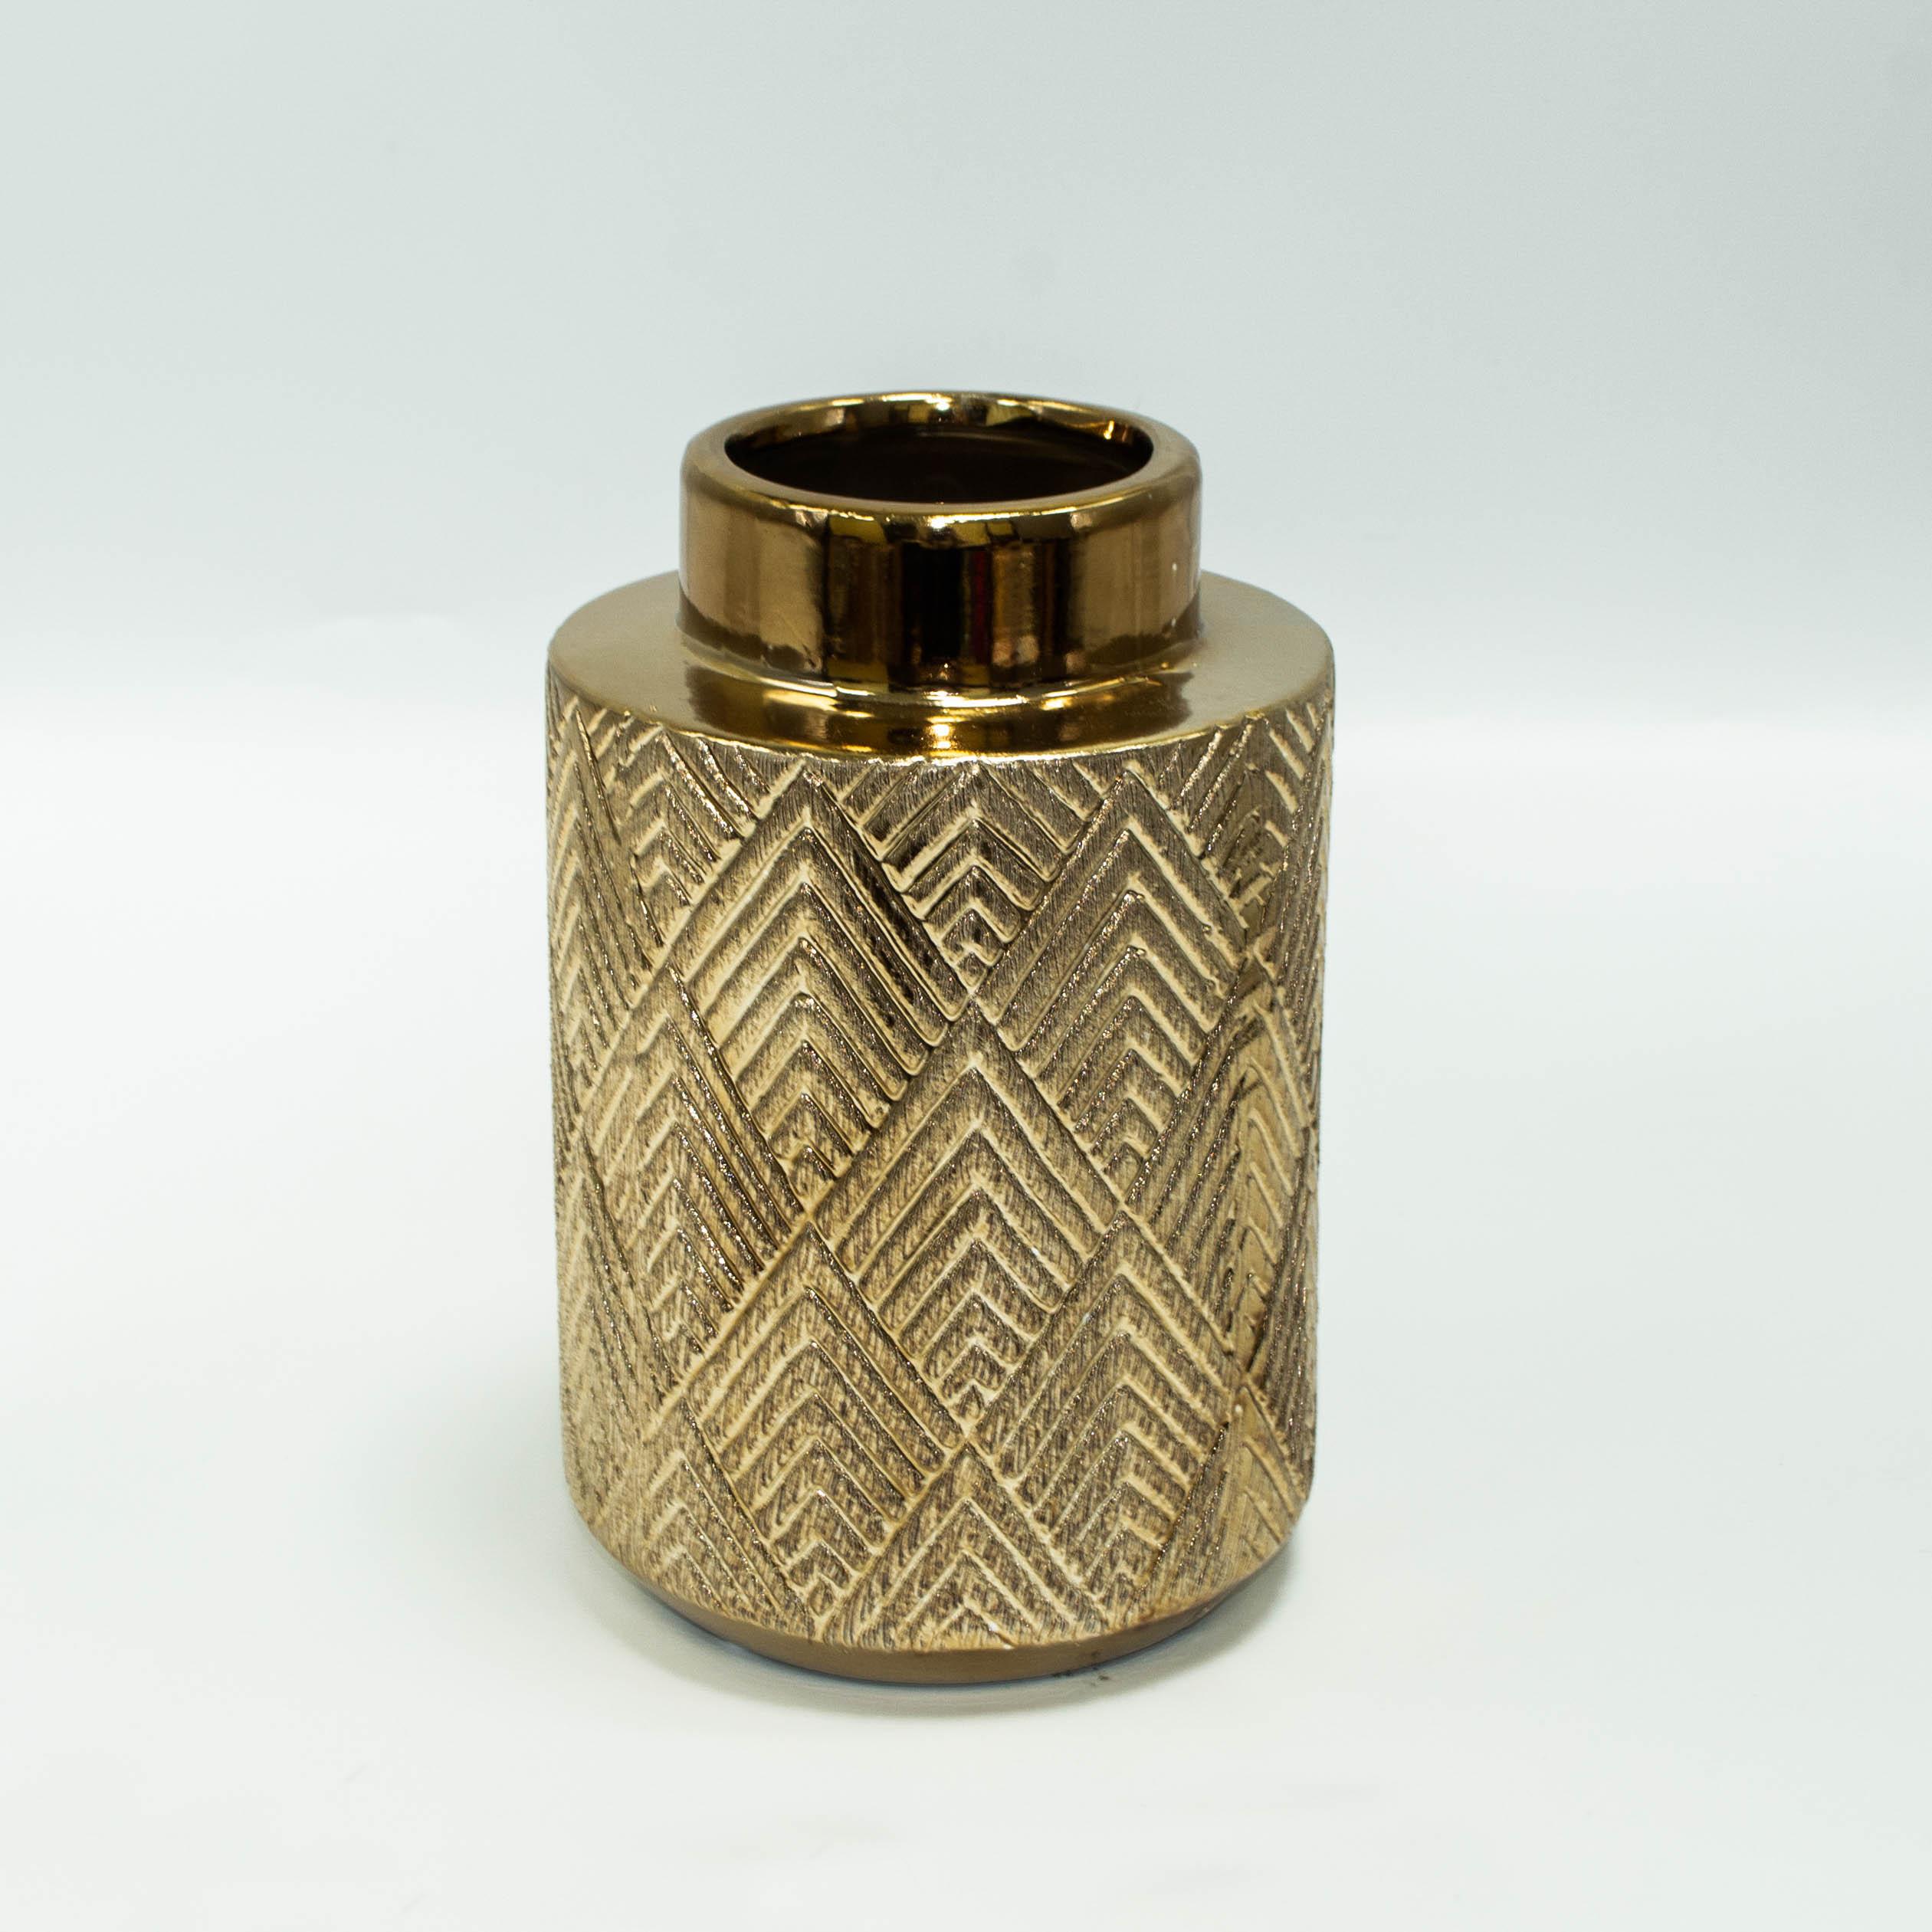 Ваза керамическая 21см 19166 тм16